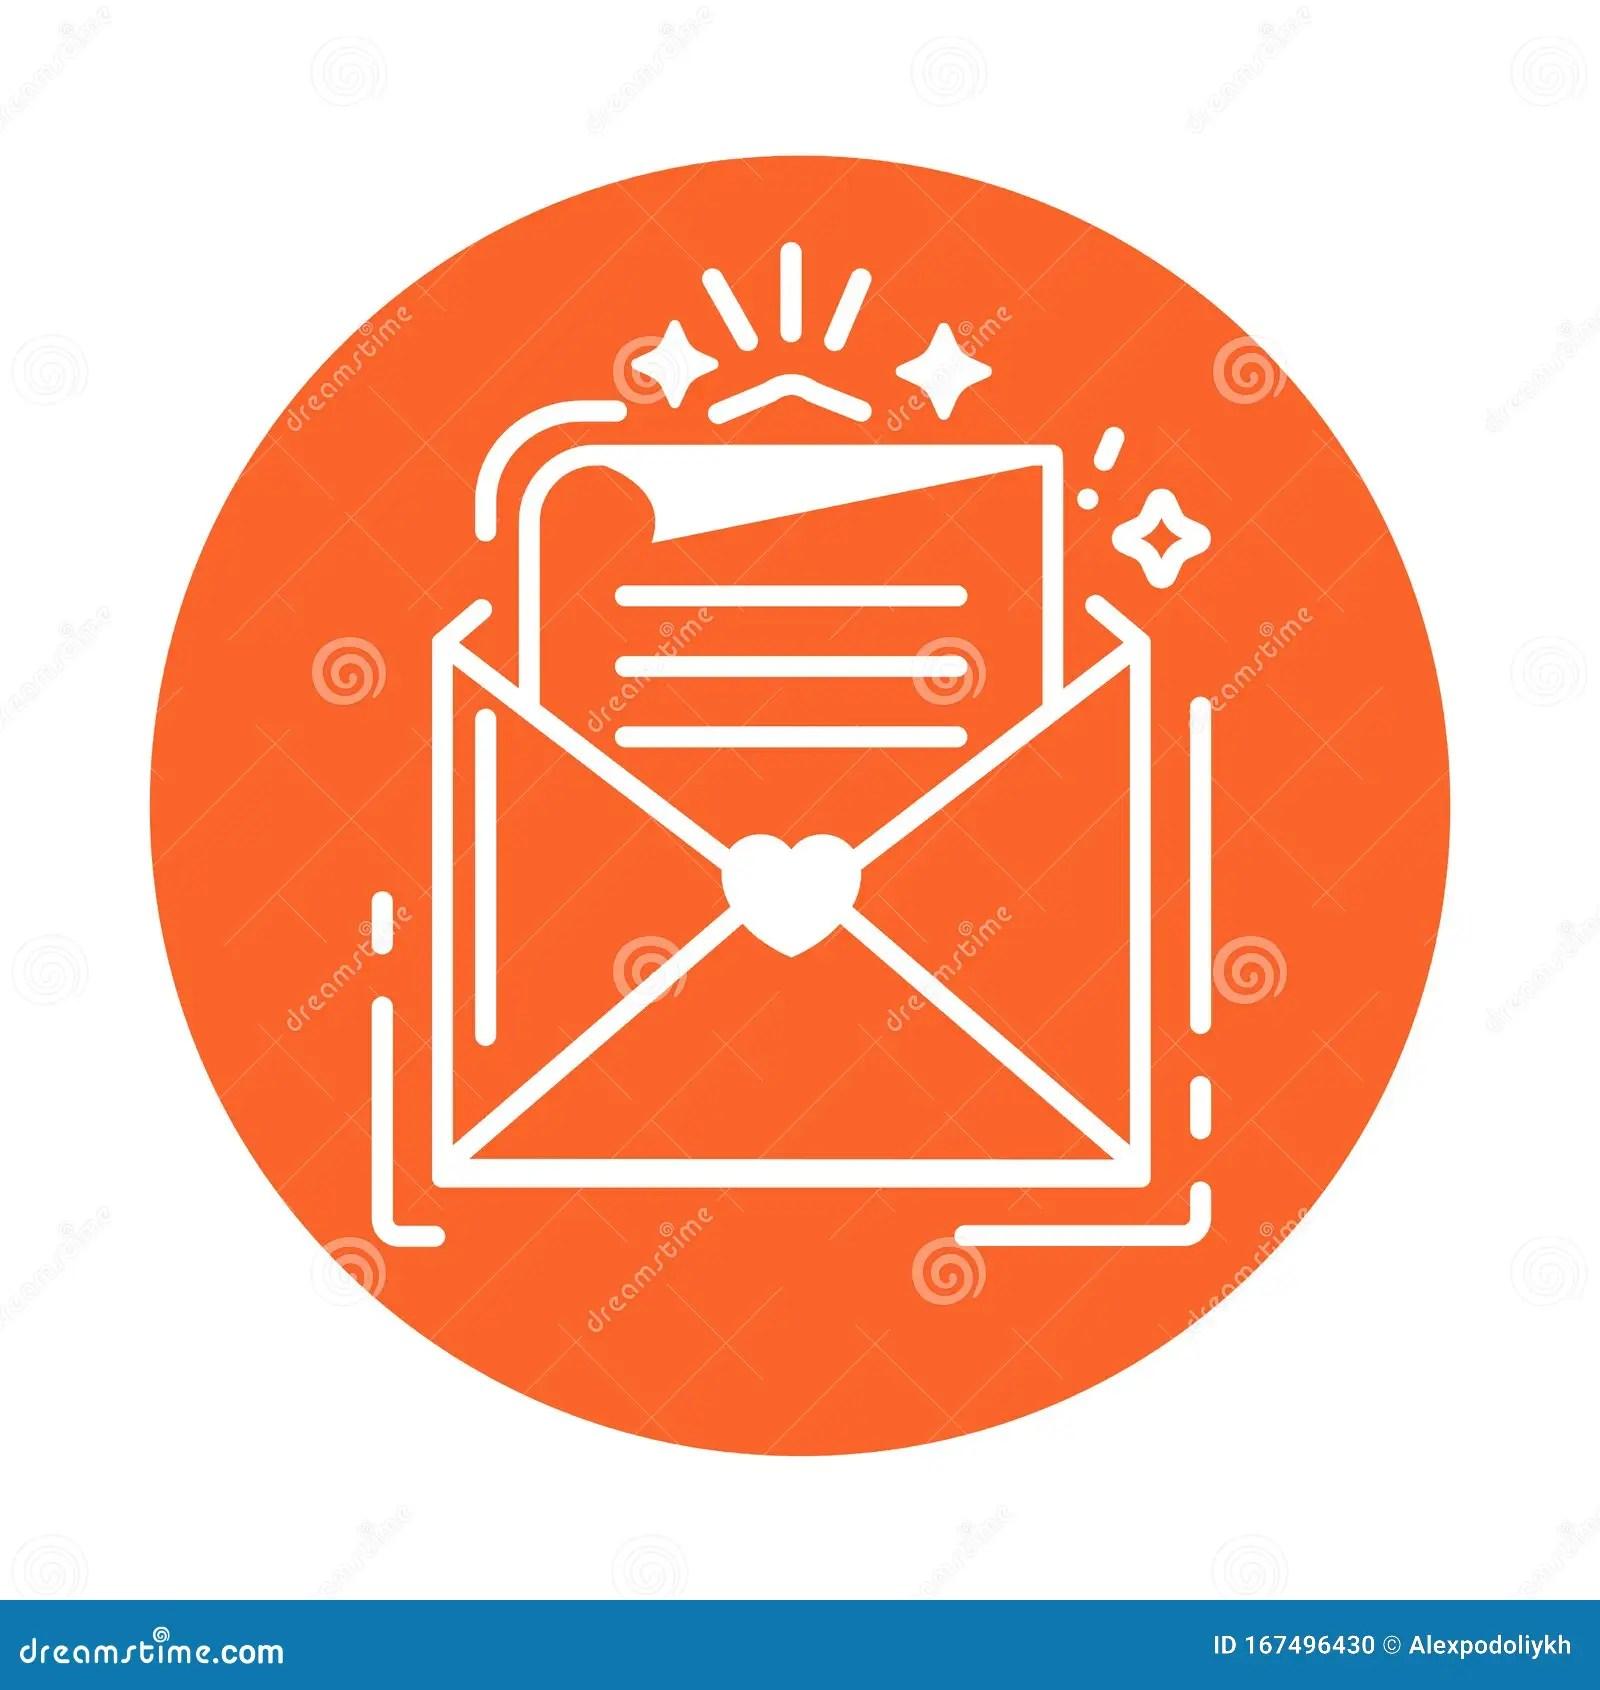 https www dreamstime com envelope letter line color icon wedding invitation concept felicitation sign web page mobile app banner social envelope image167496430